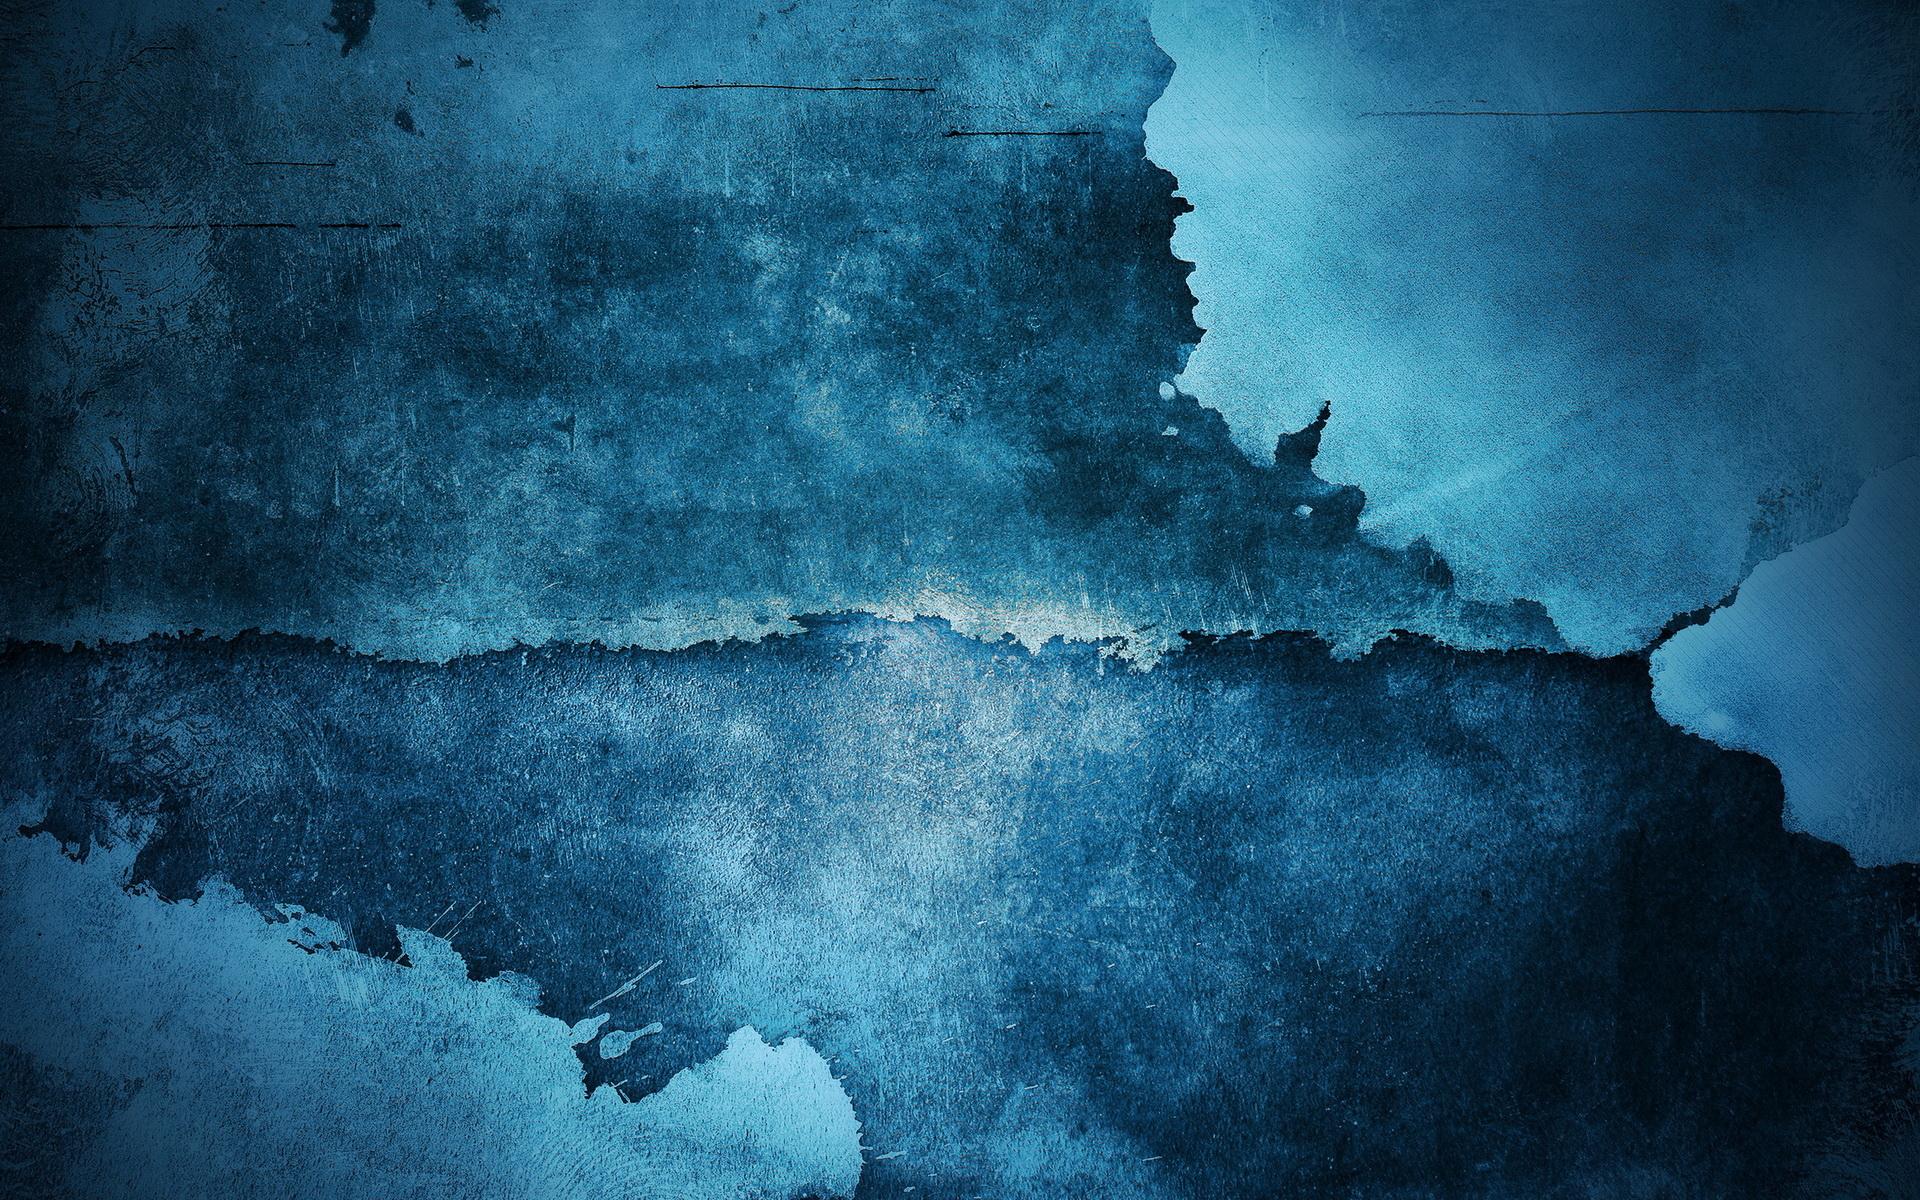 Blue grunge wallpaper   597470 1920x1200